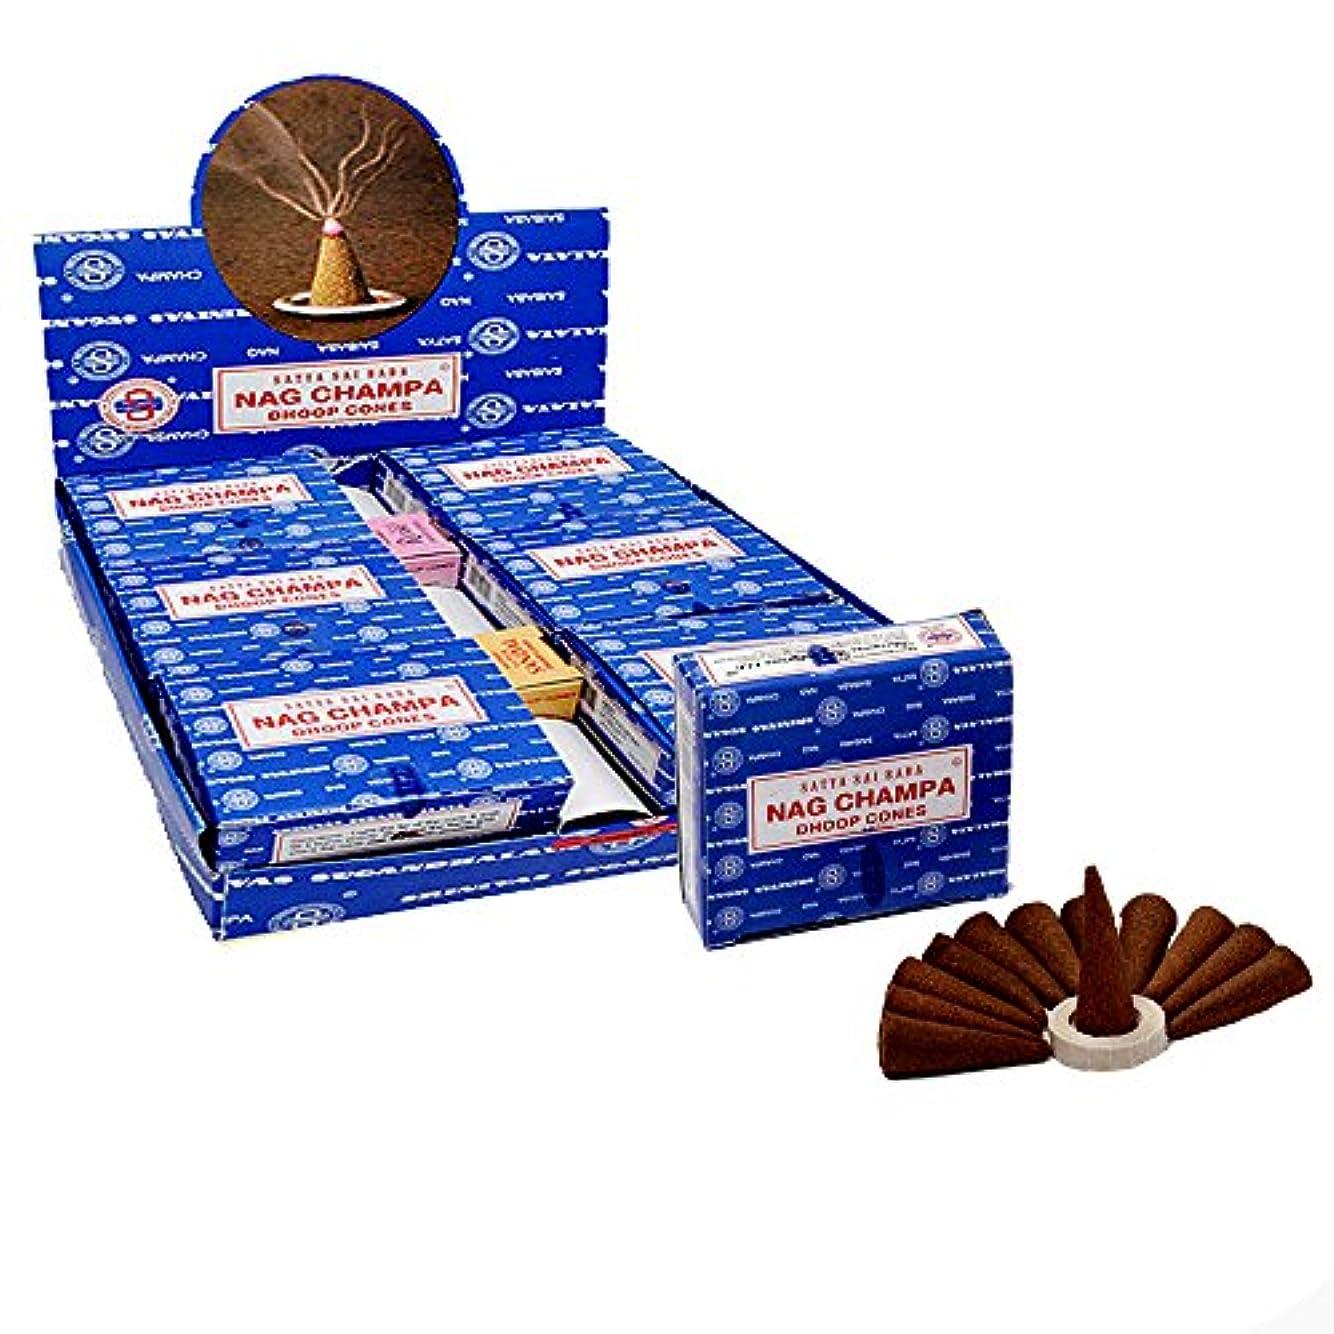 優れました課税報酬Satya Sai Baba Nag Champa Temple Incense Cones、12パックでCones、12パックin aボックス